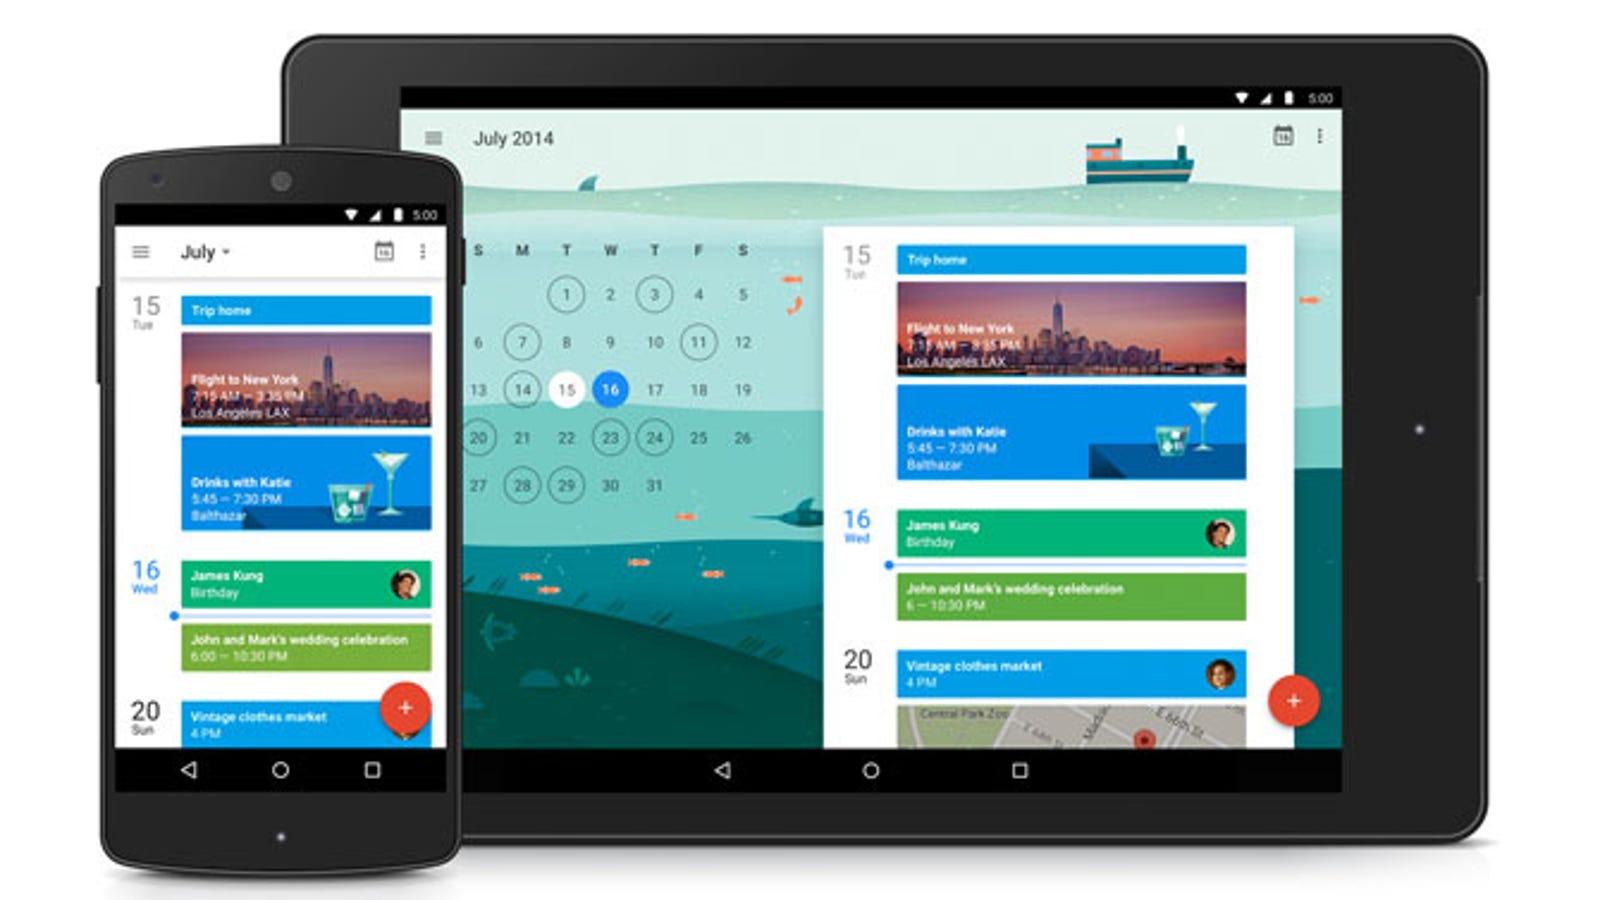 El nuevo Google Calendar para Lollipop quiere organizarte mejor